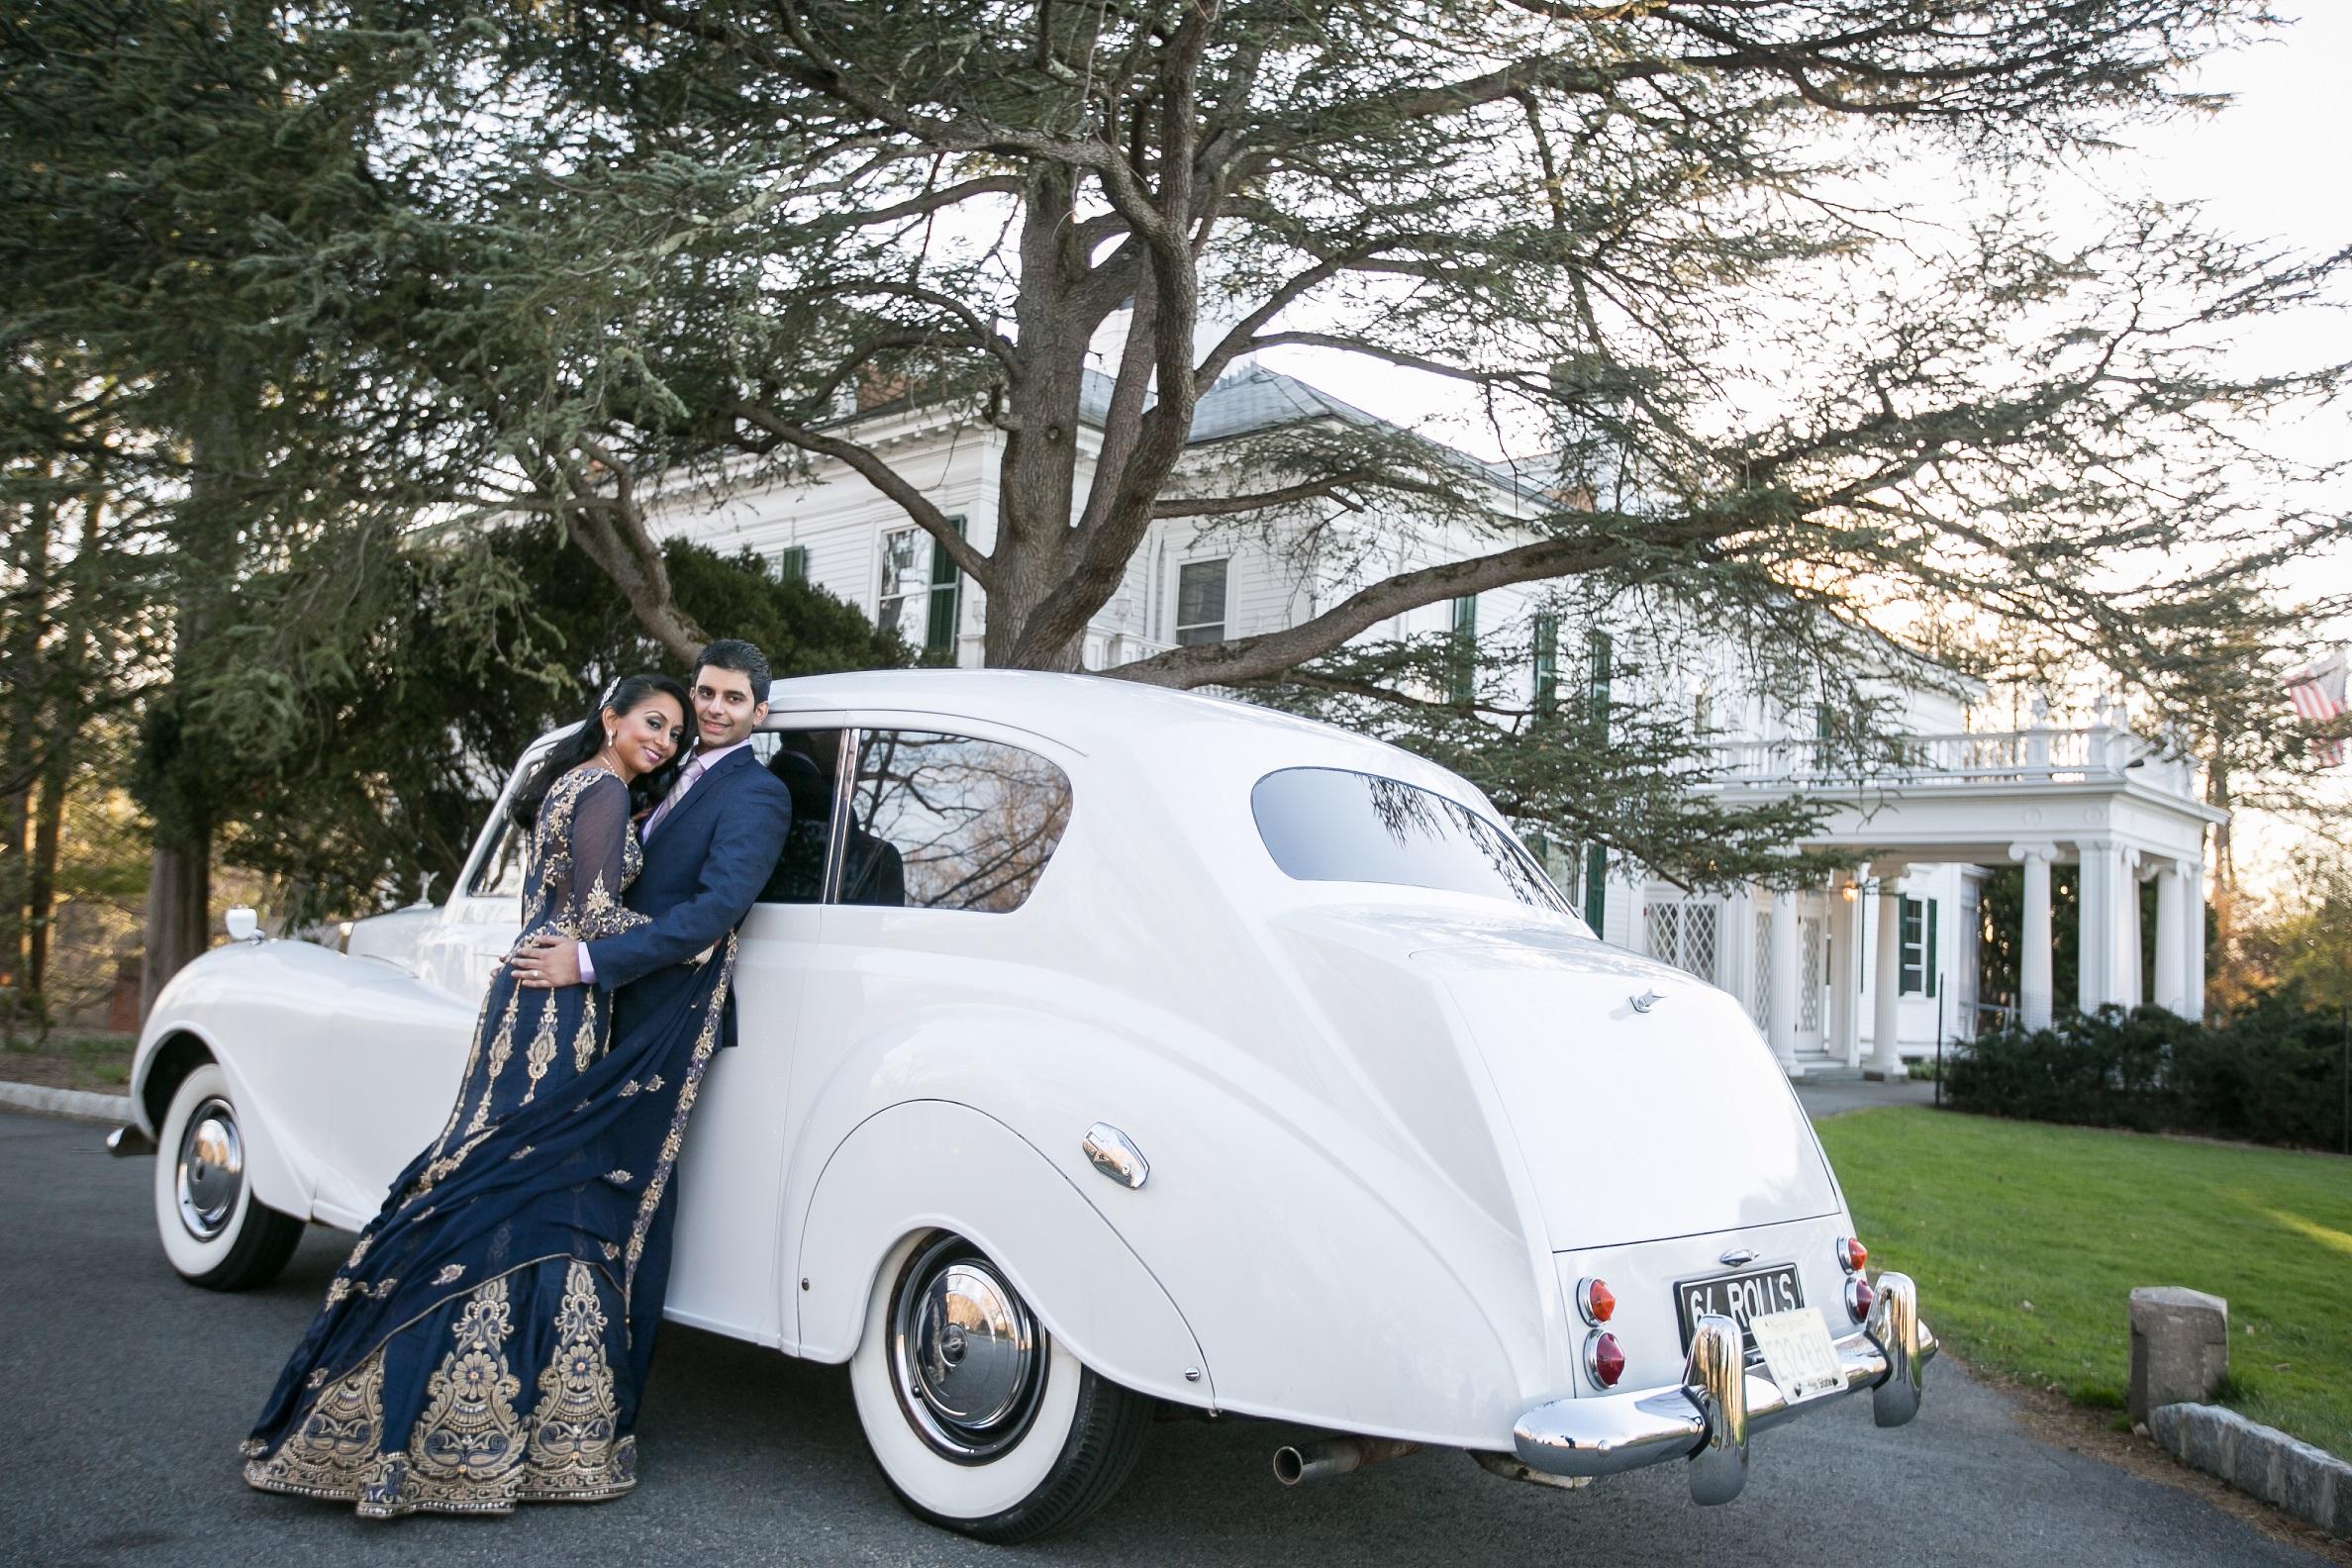 BRIDE AND GROOM ON VINTAGE CAR